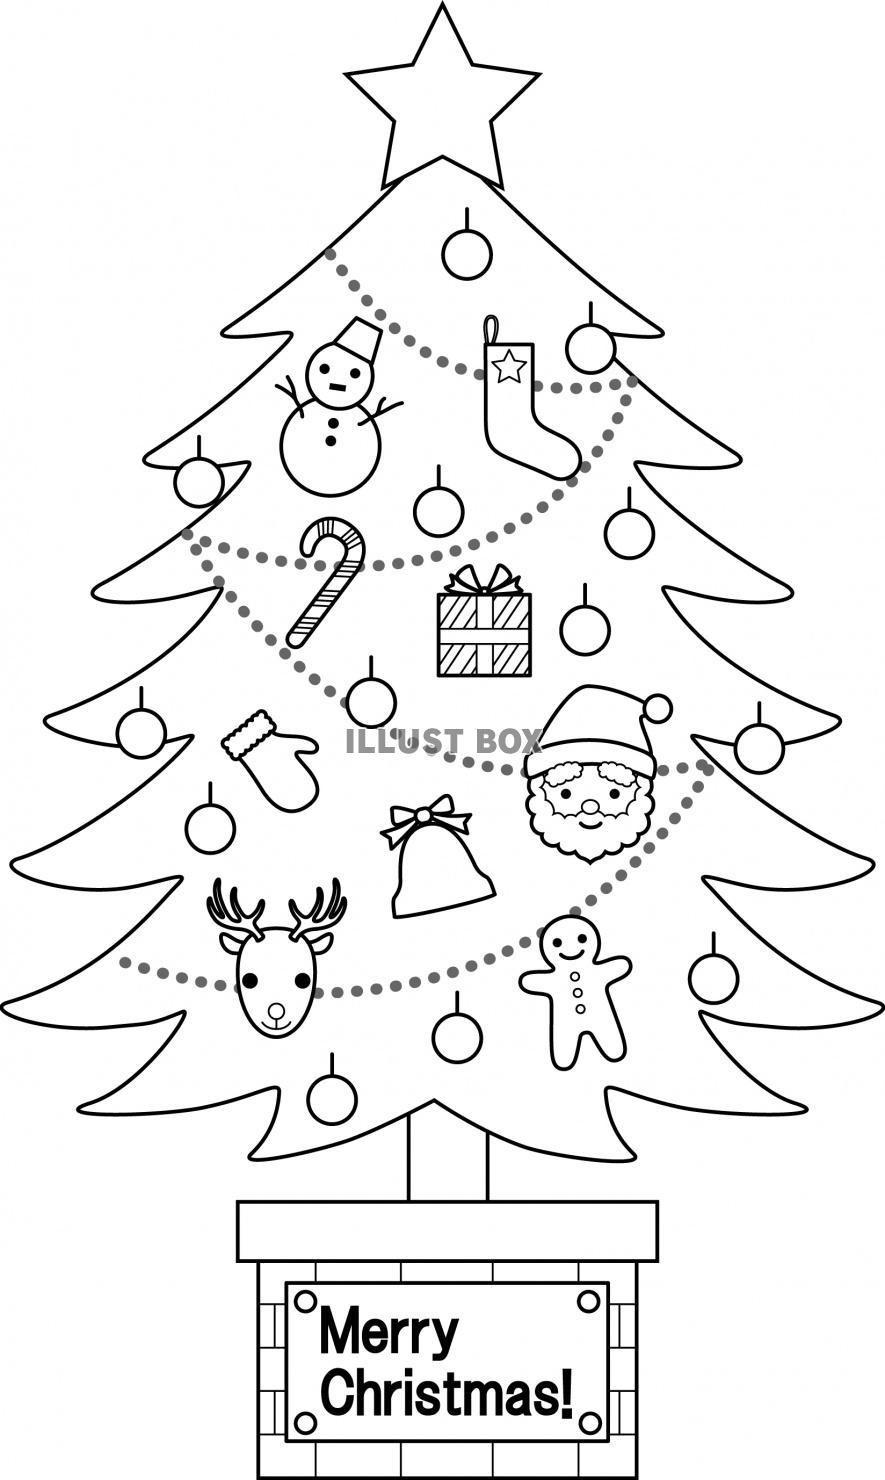 無料イラスト クリスマスツリー(モノクロ)